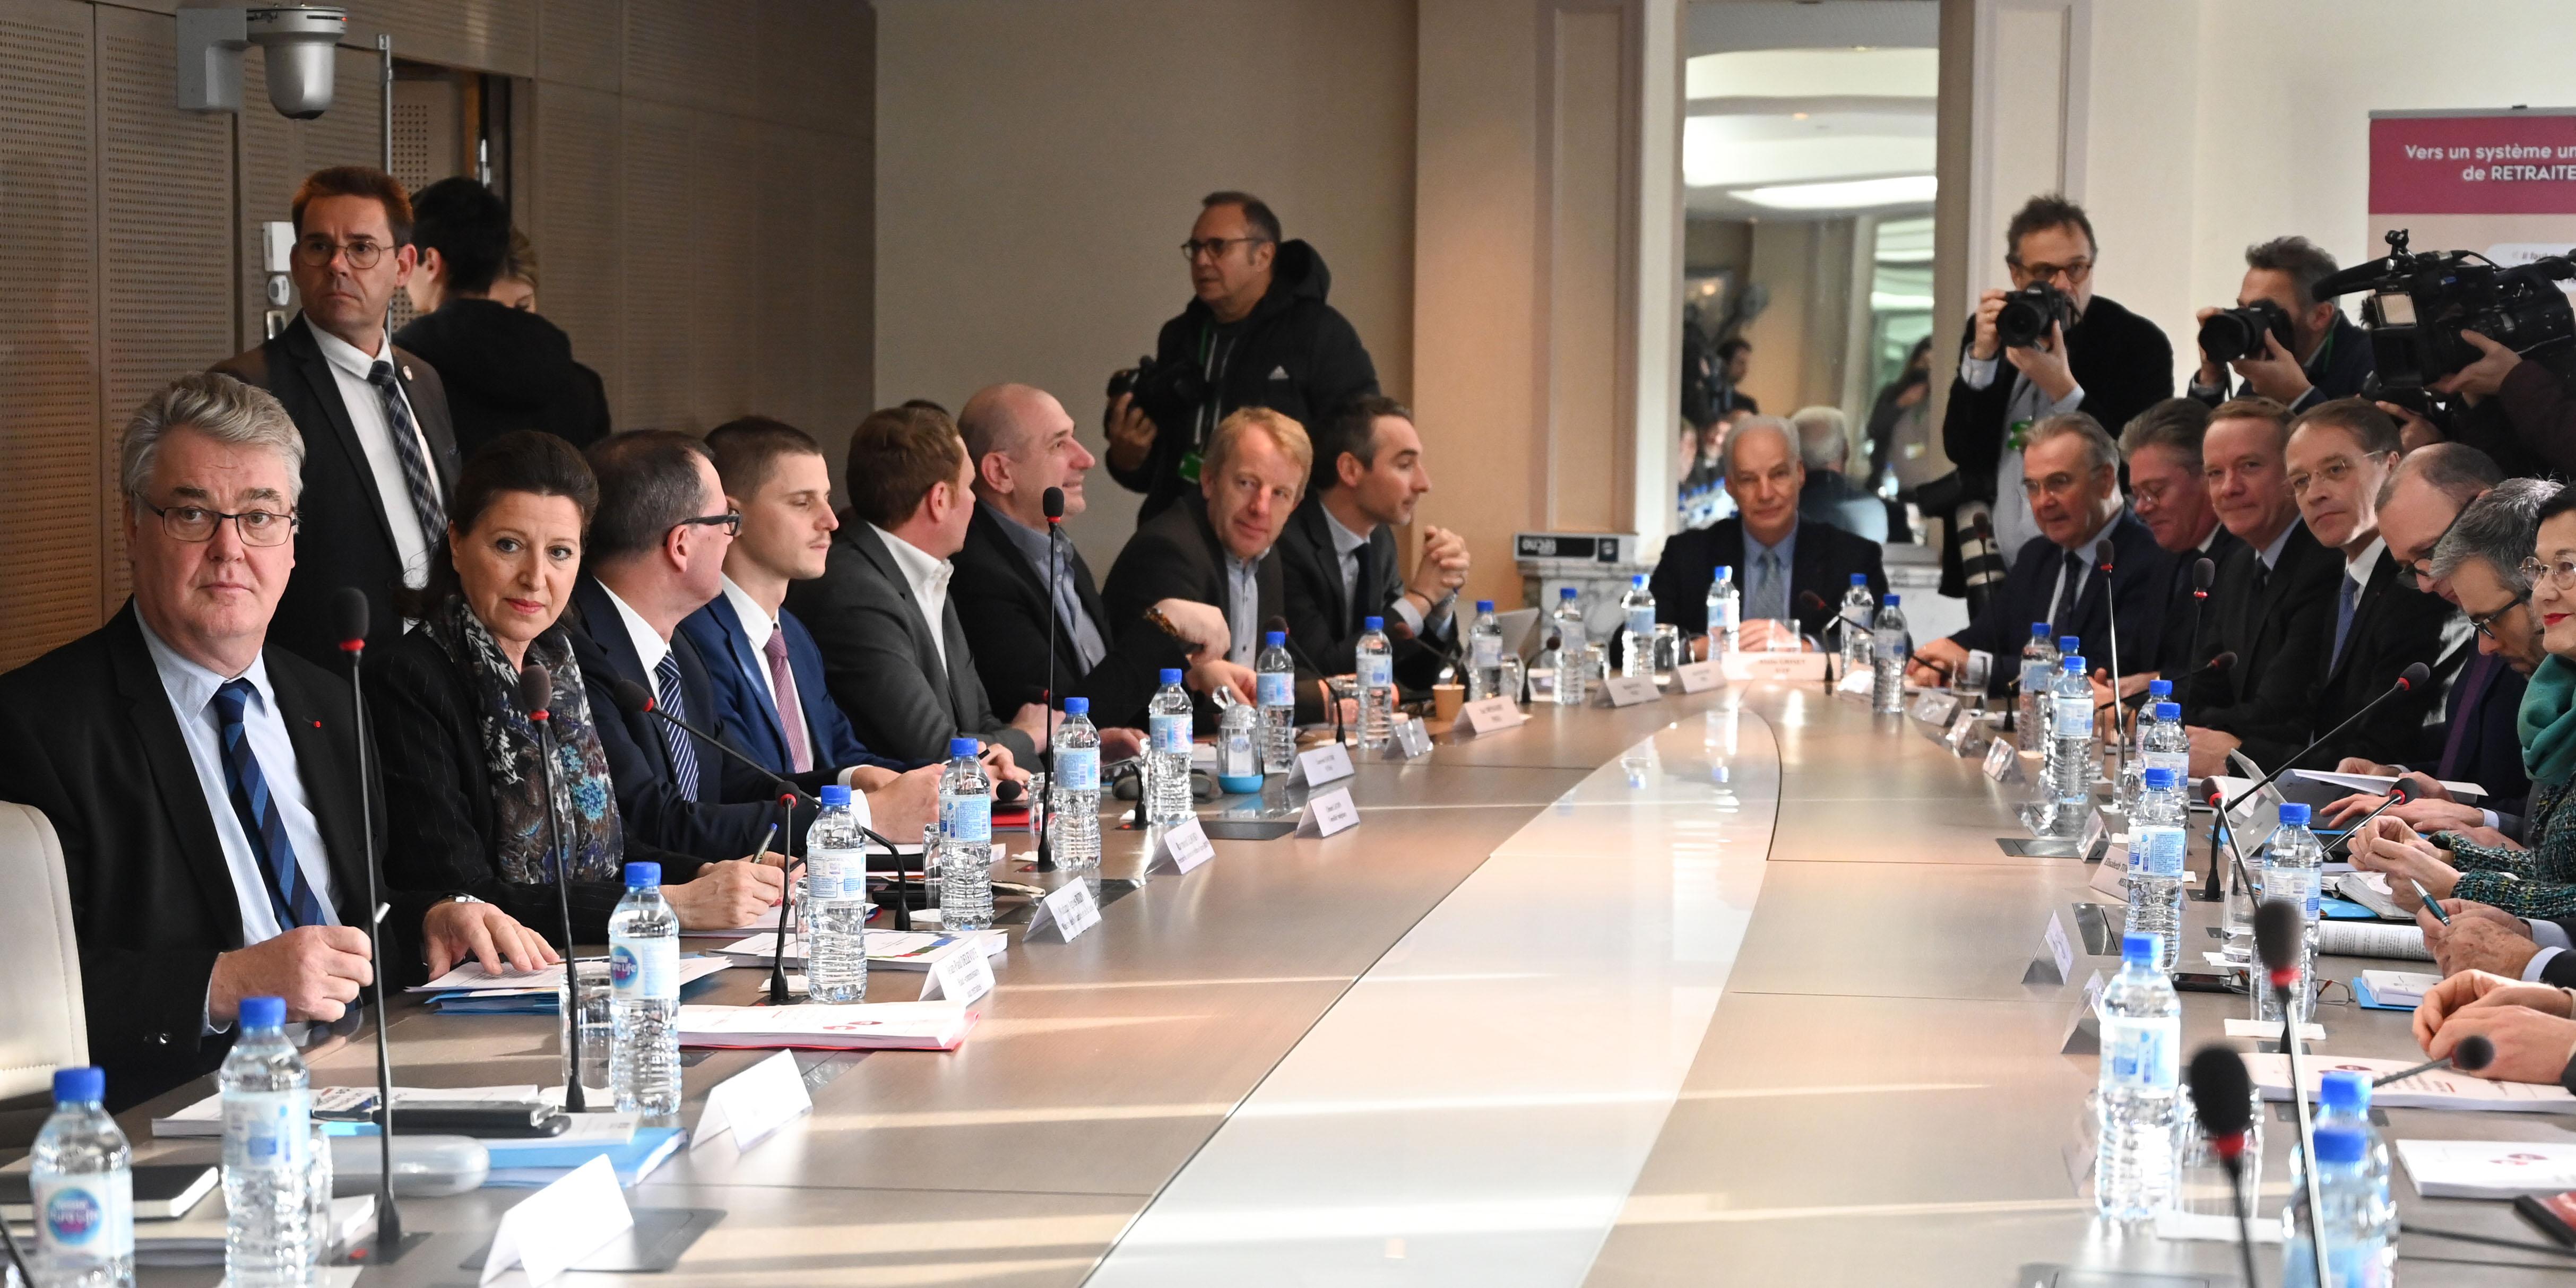 Retraites : ce qu'il faut retenir de l'ultime réunion entre Jean-Paul Delevoye et les syndicats